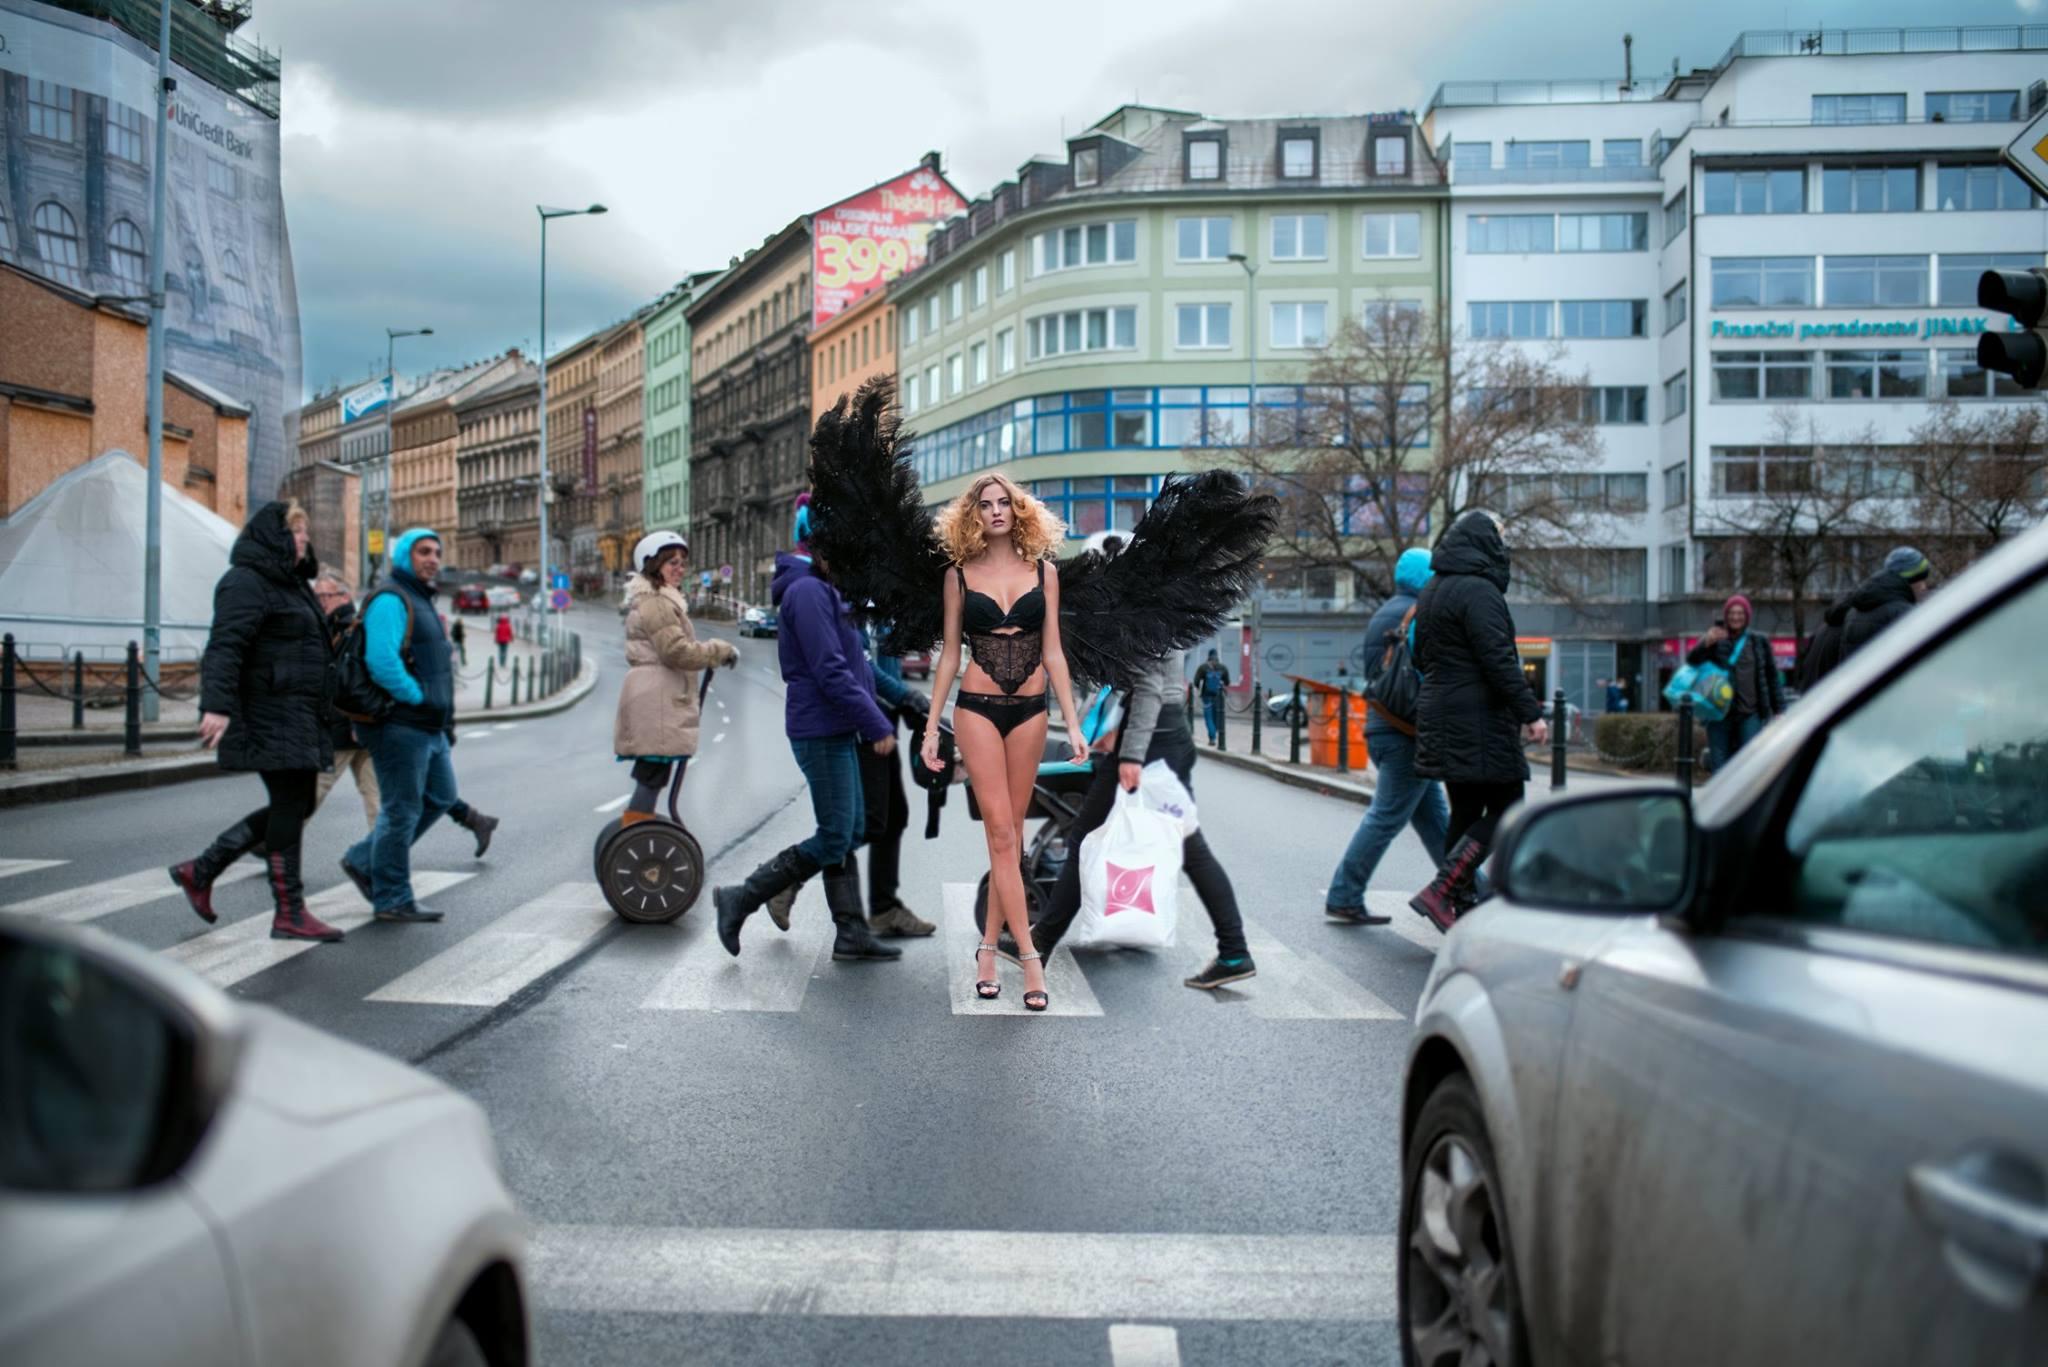 Šokující! ZlyArt udělal poprask s polonahou modelkou Terezou Hudákovou na pražské magistrále